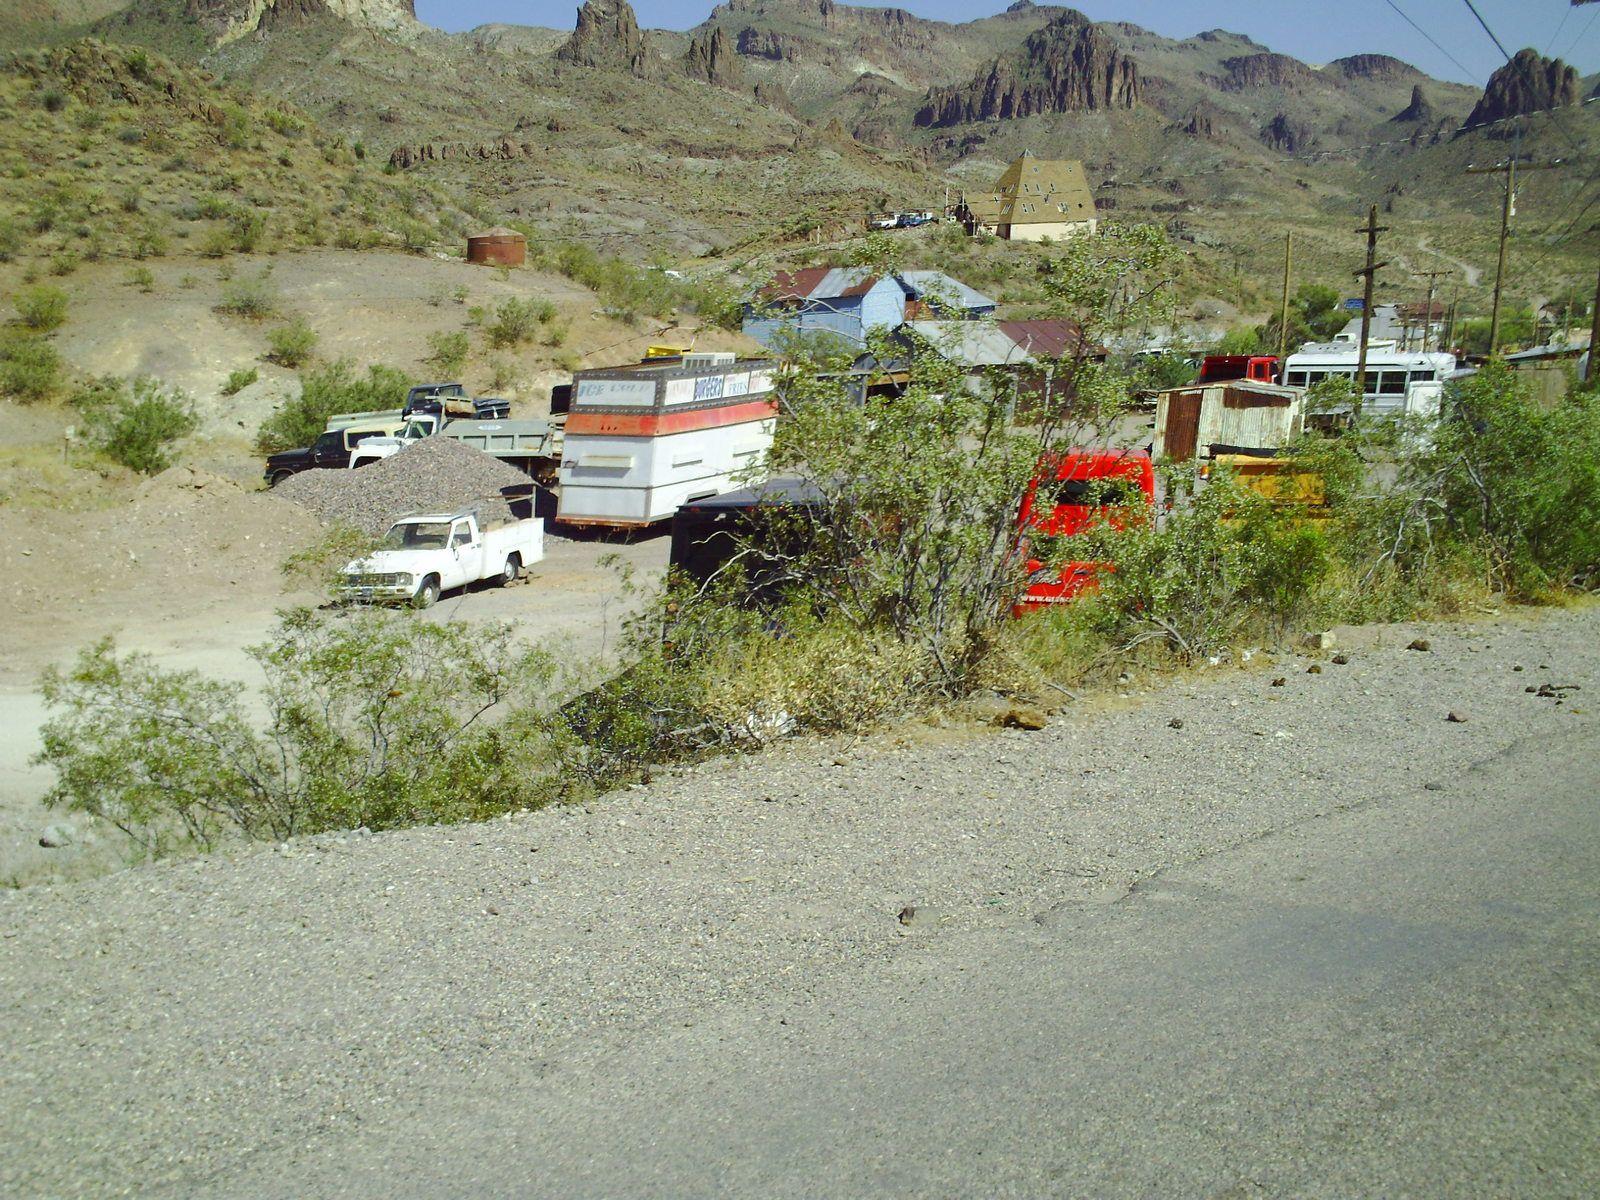 Goldwing Unsersbande - Un couple et une moto dans le Wild West américain 02 jour - Road 66 Kingman